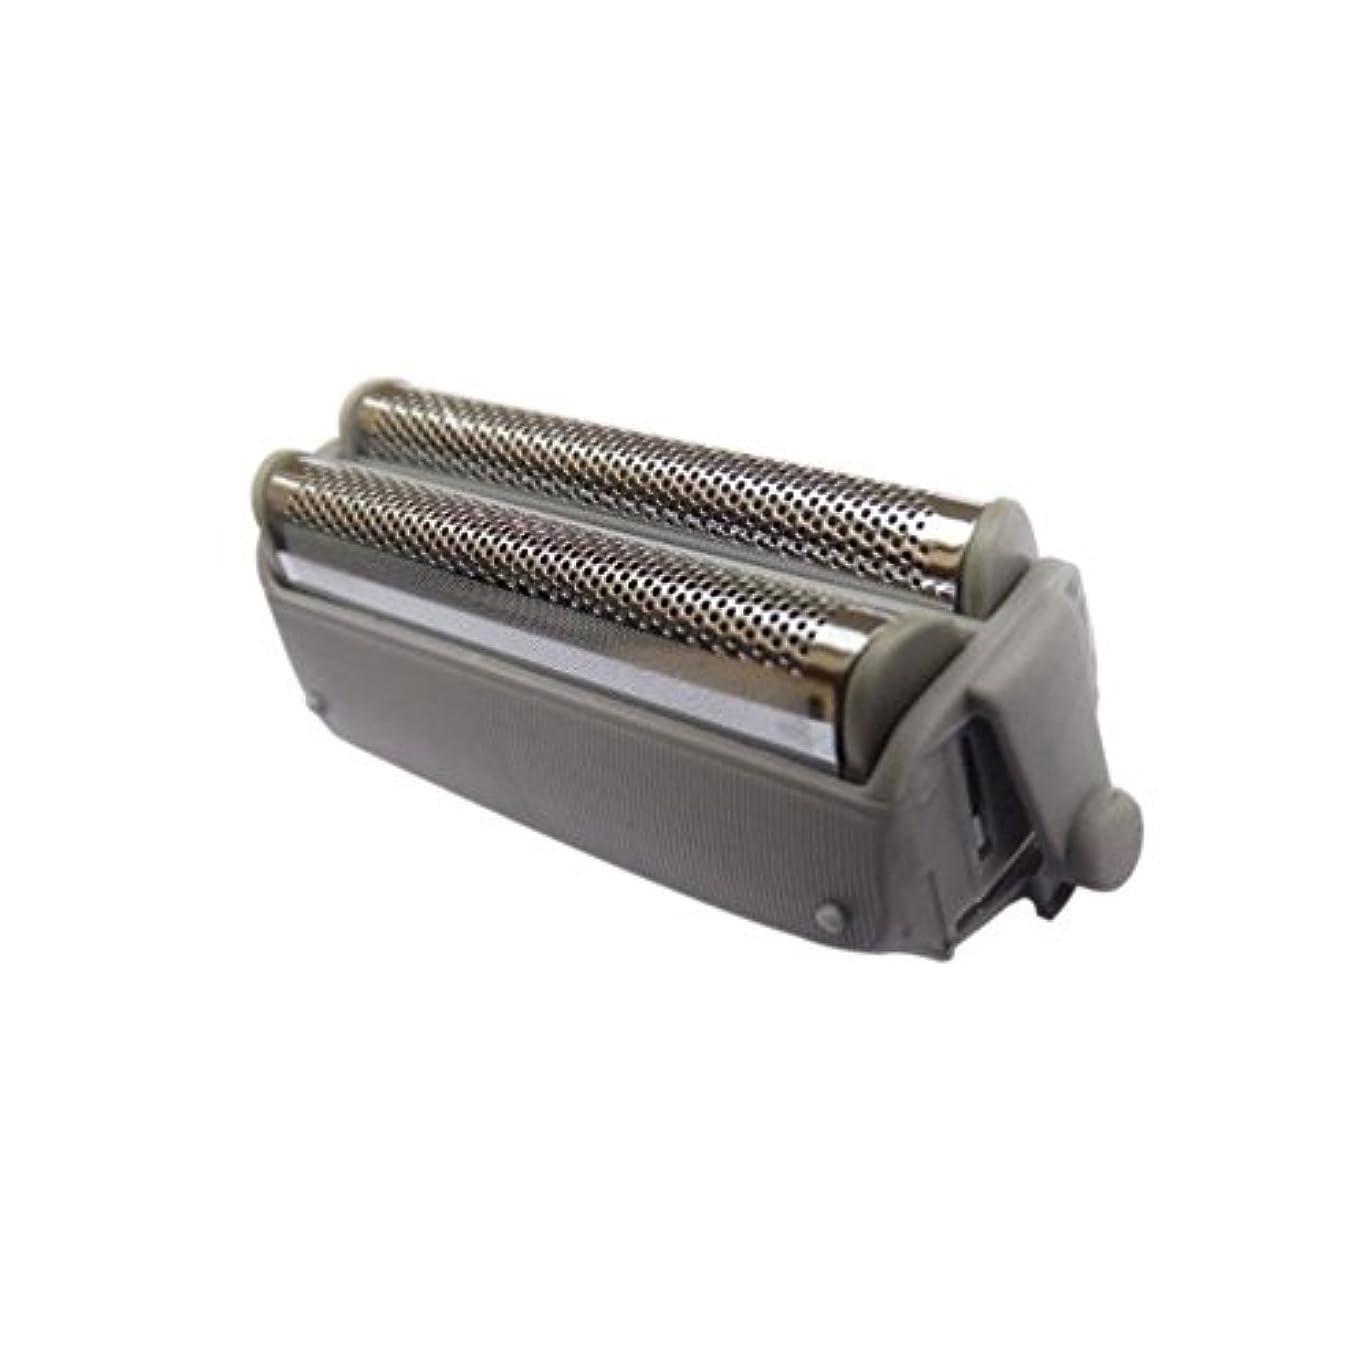 対プレゼンター誘うHZjundasi Replacement Outer ホイル for Panasonic RW30/ES719/726/4826/4853 ES9859